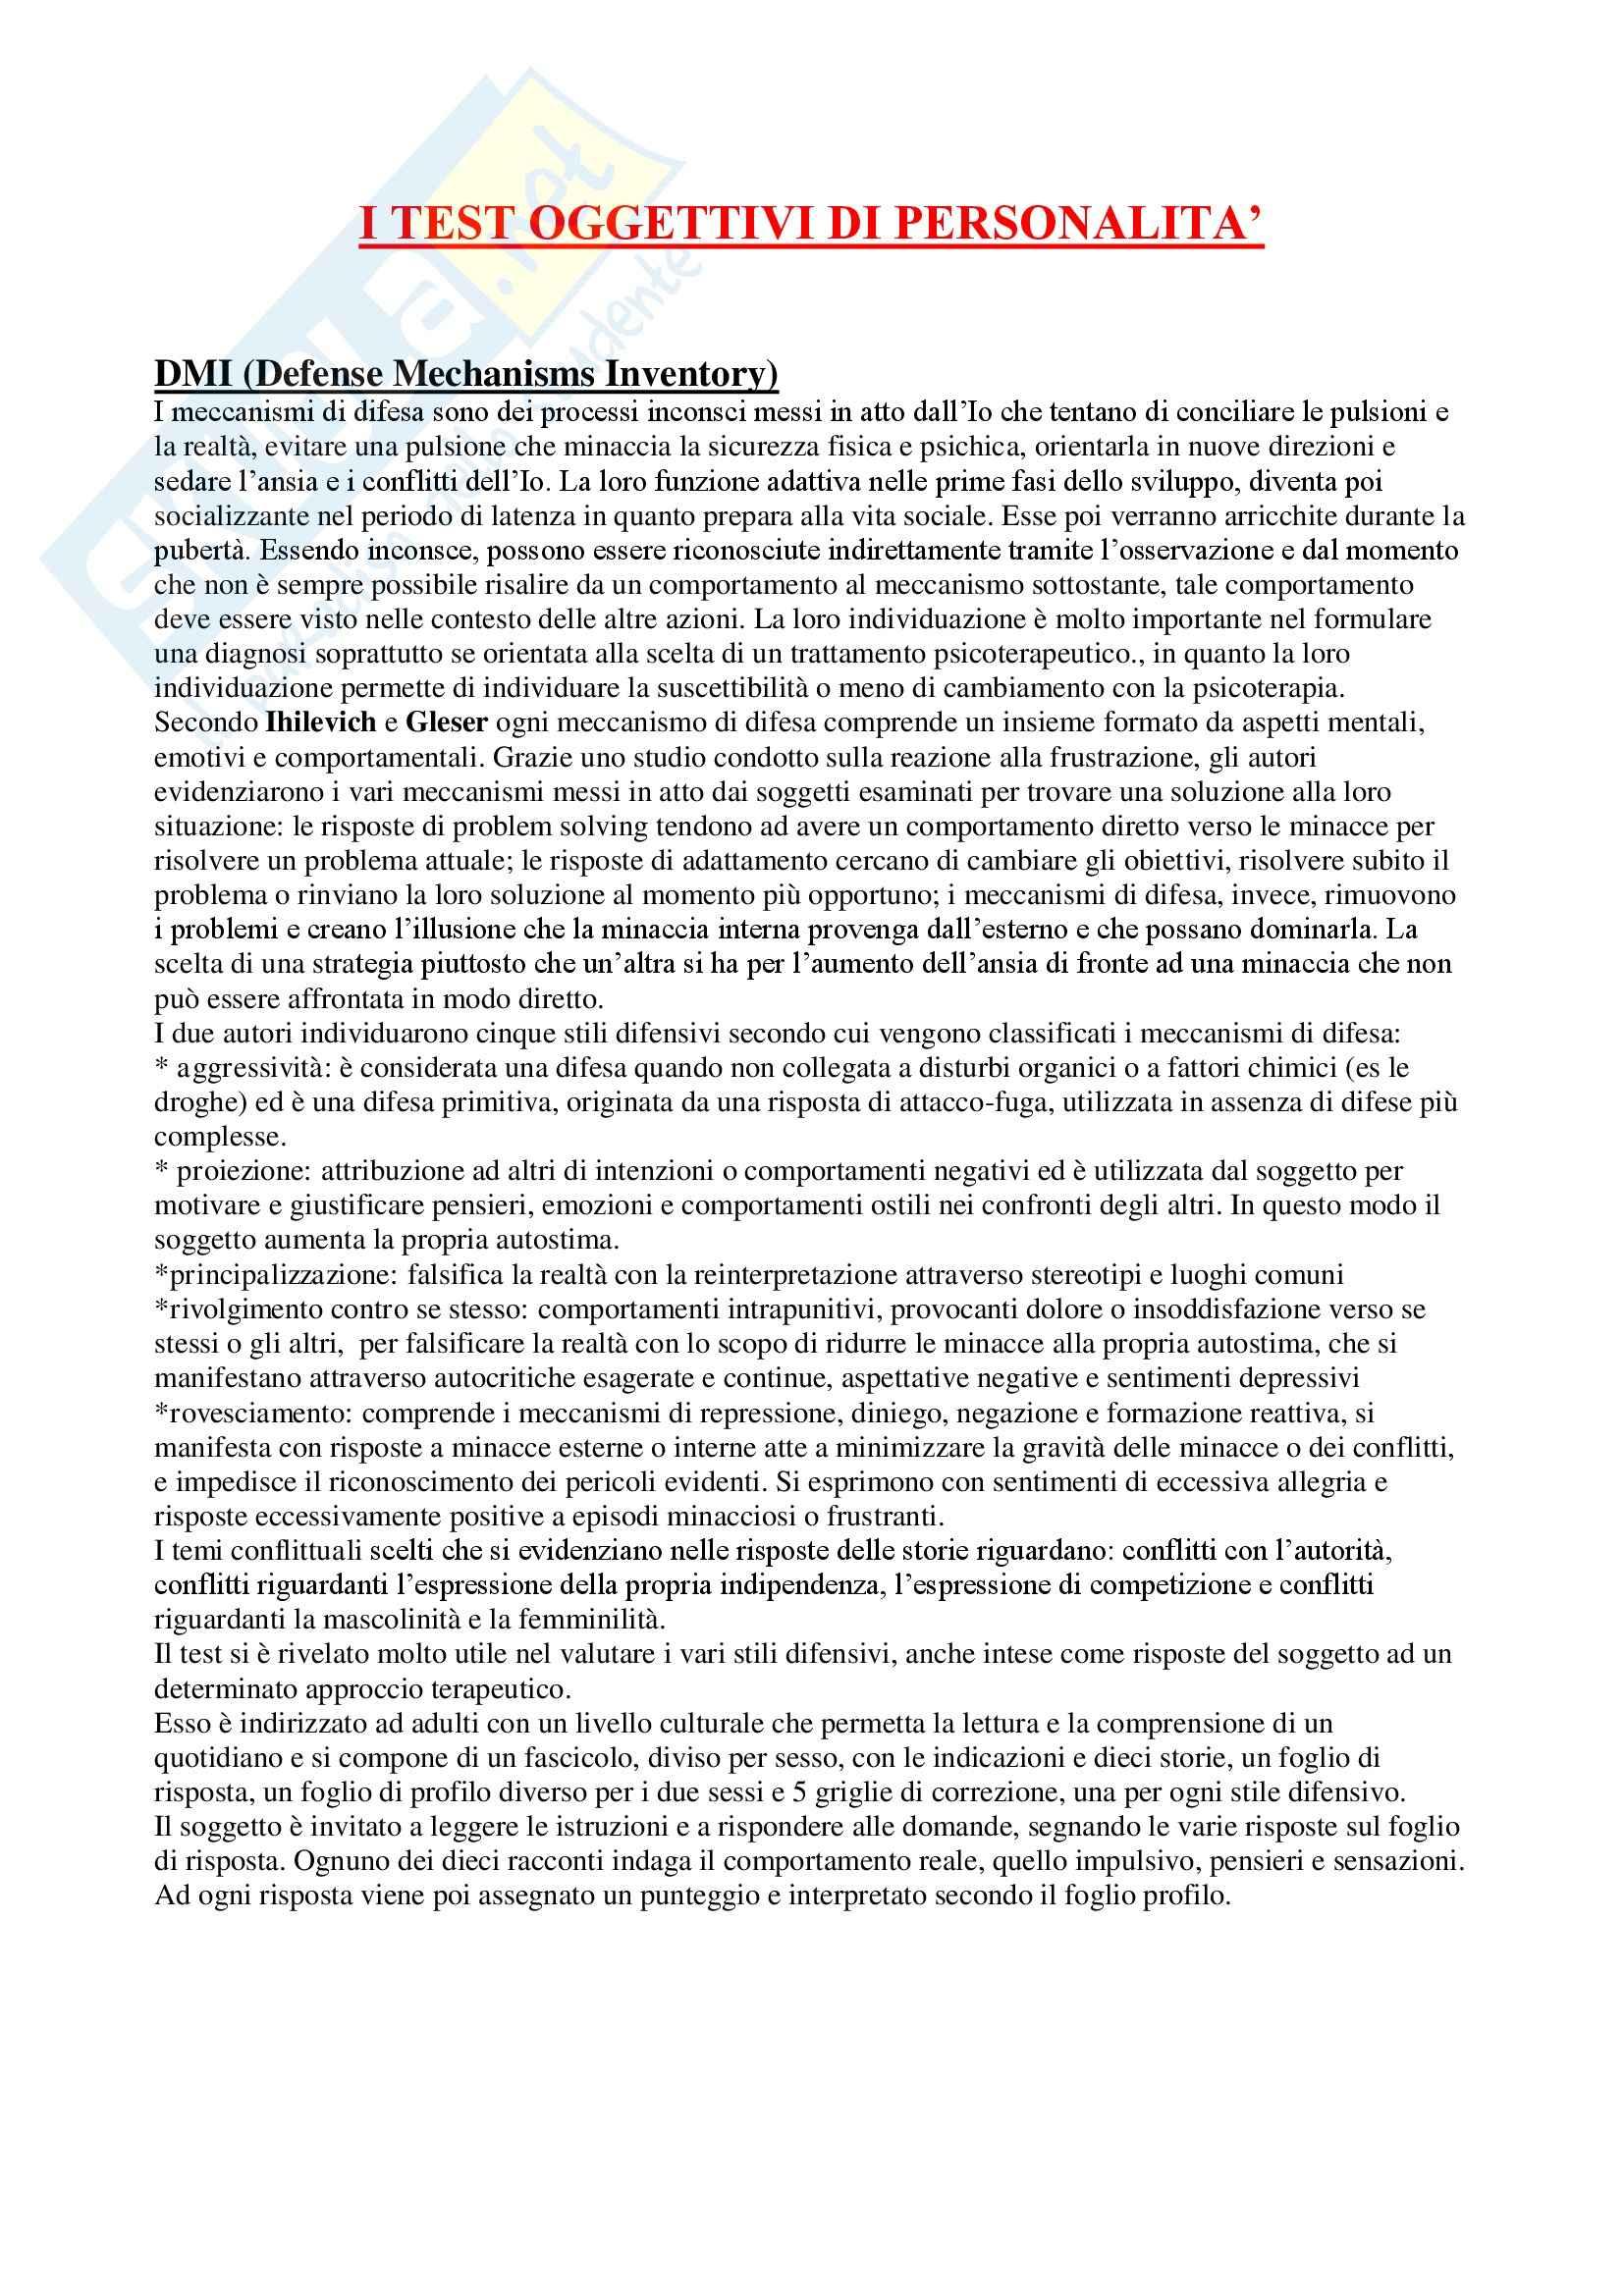 Metodi e tecniche psicodiagnostiche - test oggettivi di personalità